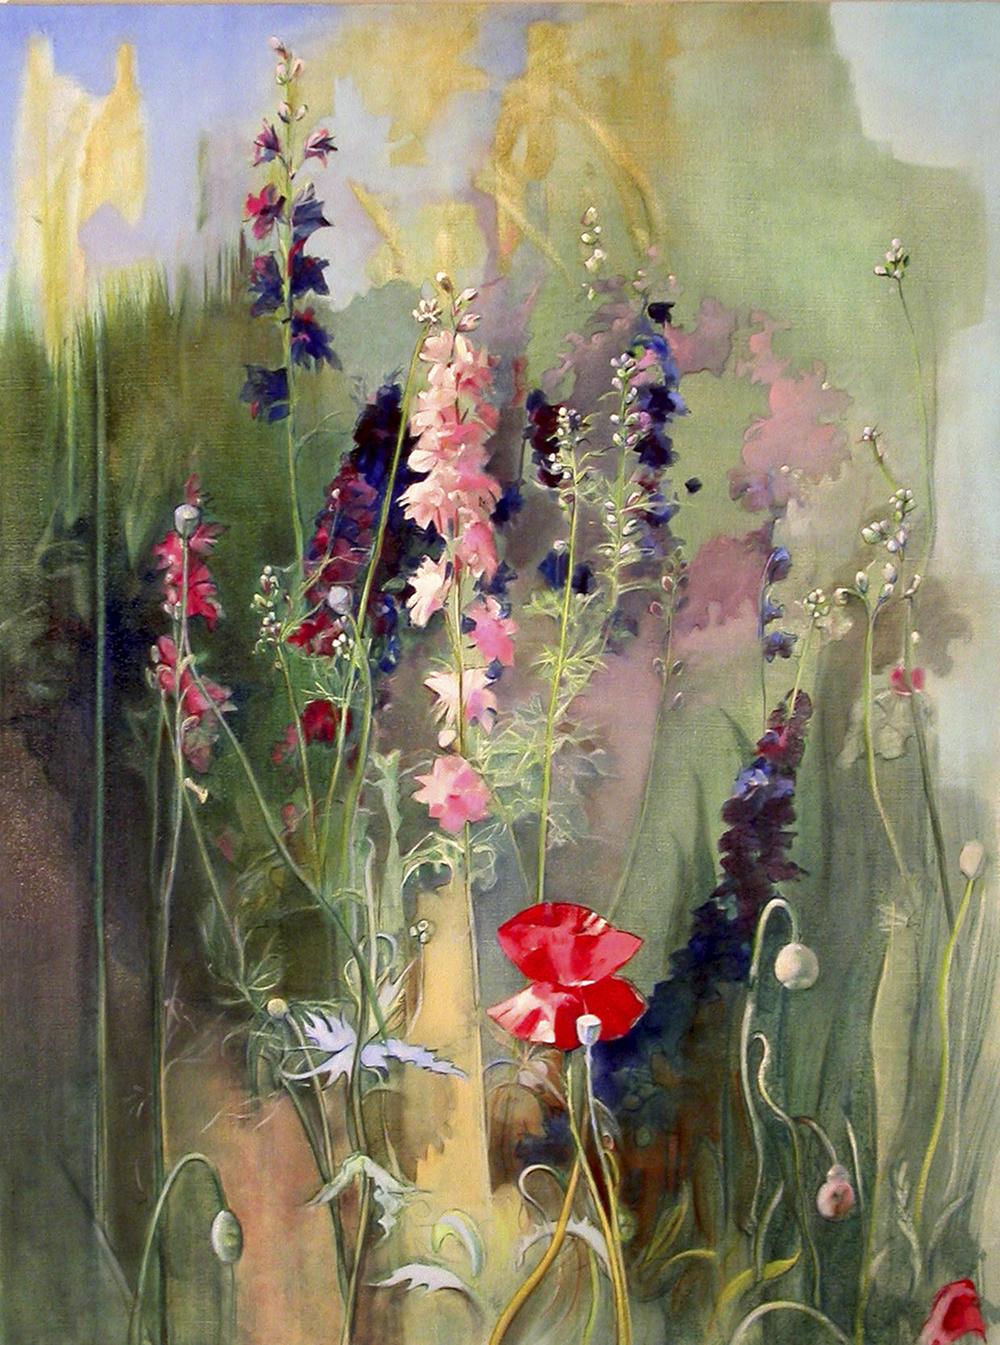 Poppy in the Garden oil on linen 30x40, 2005